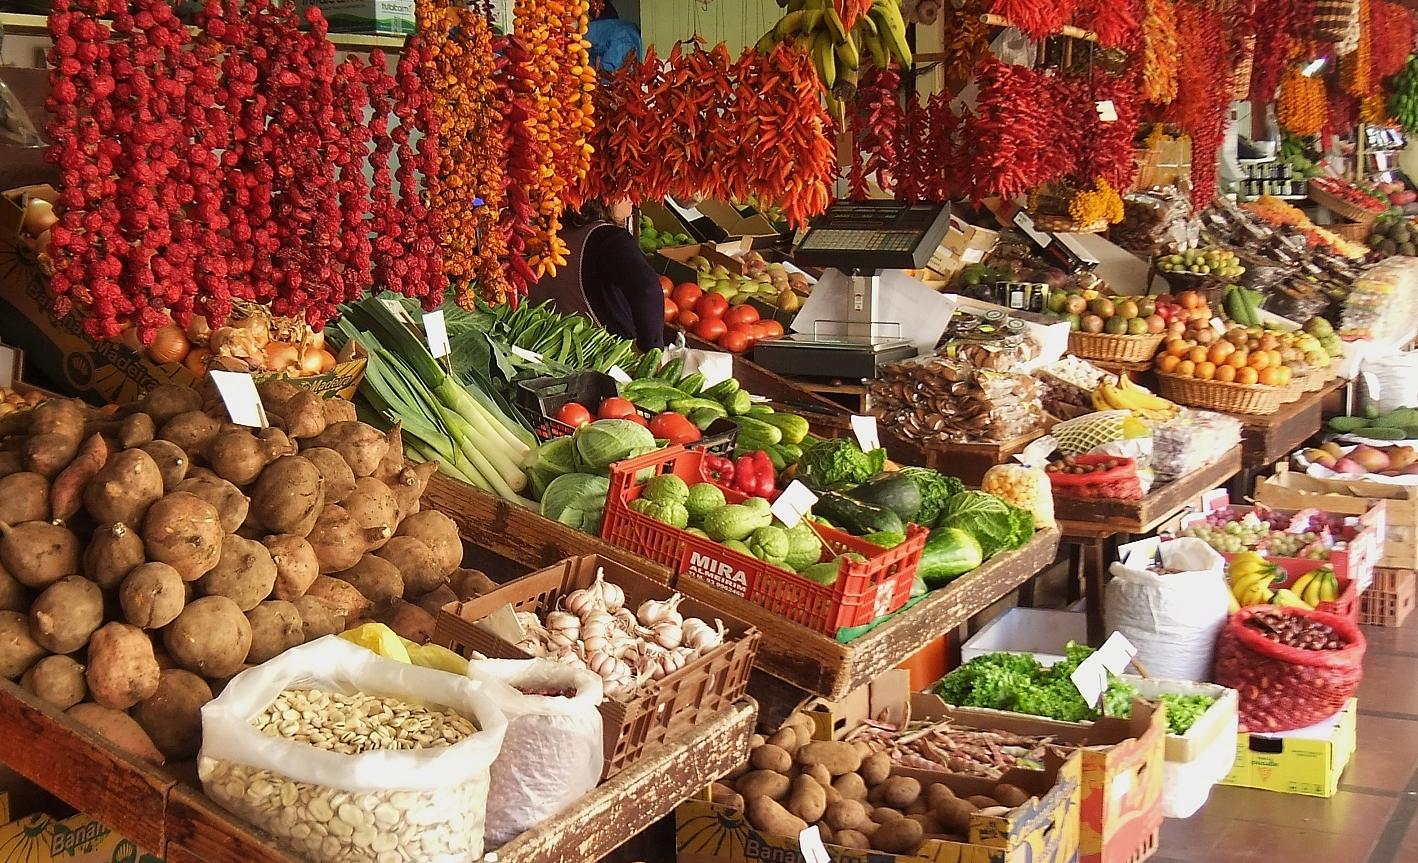 Gemüse- und Obststand